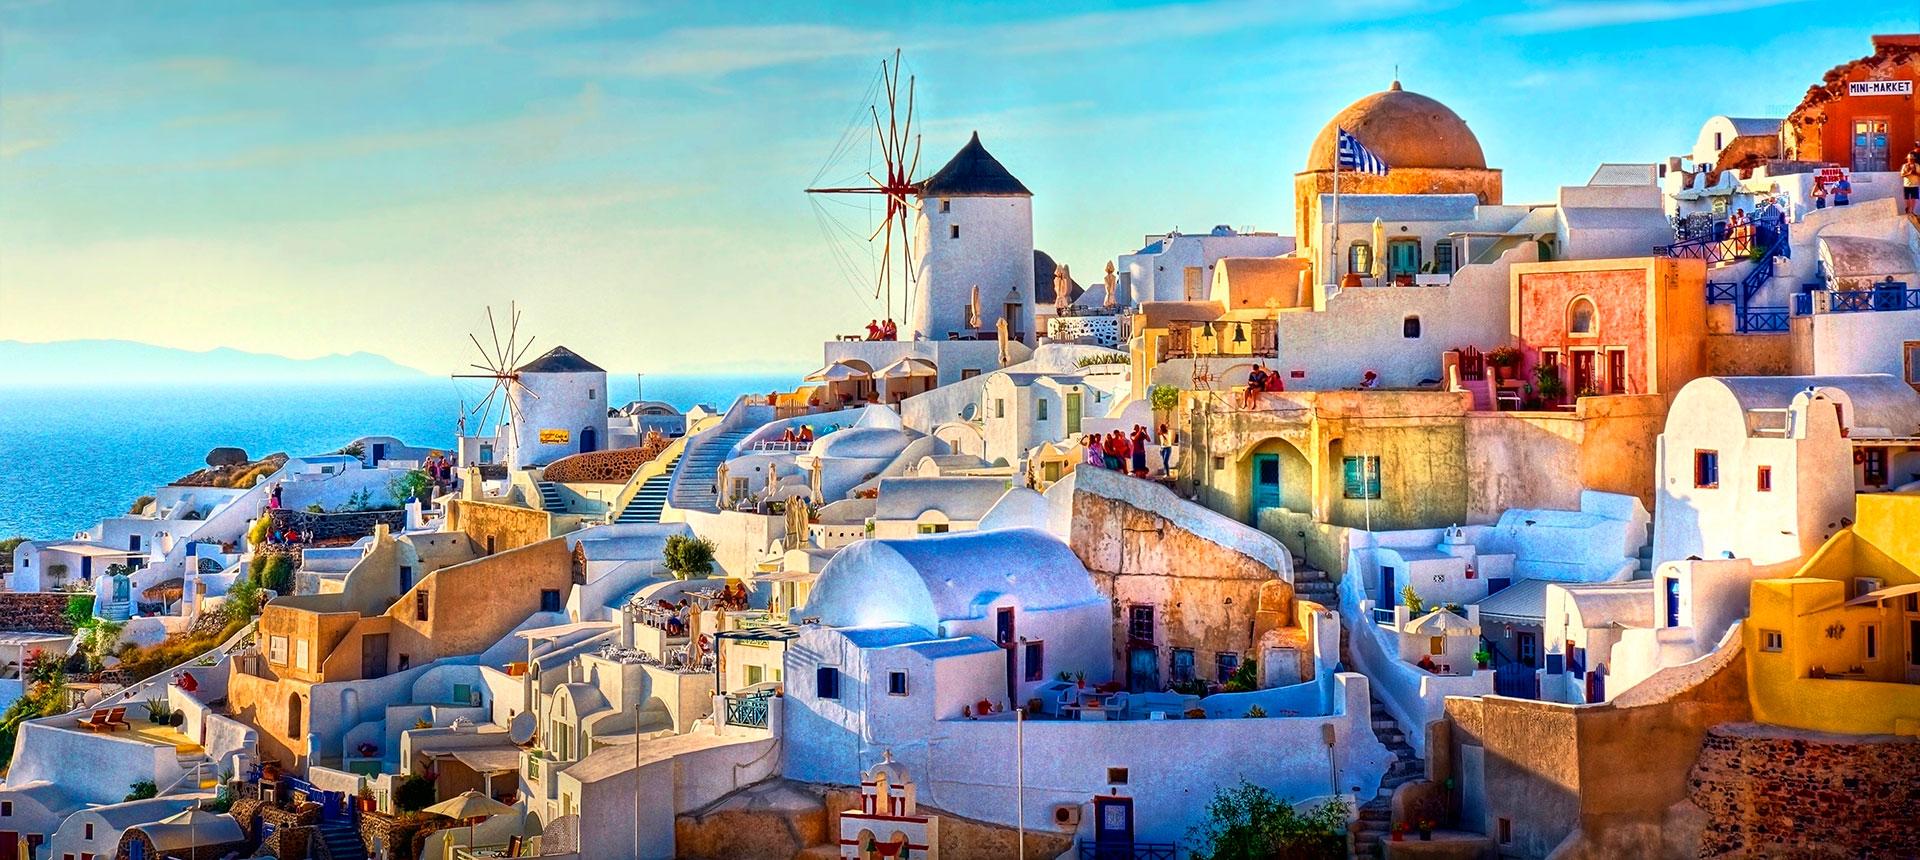 Europa y Grecia con crucero- 20 días